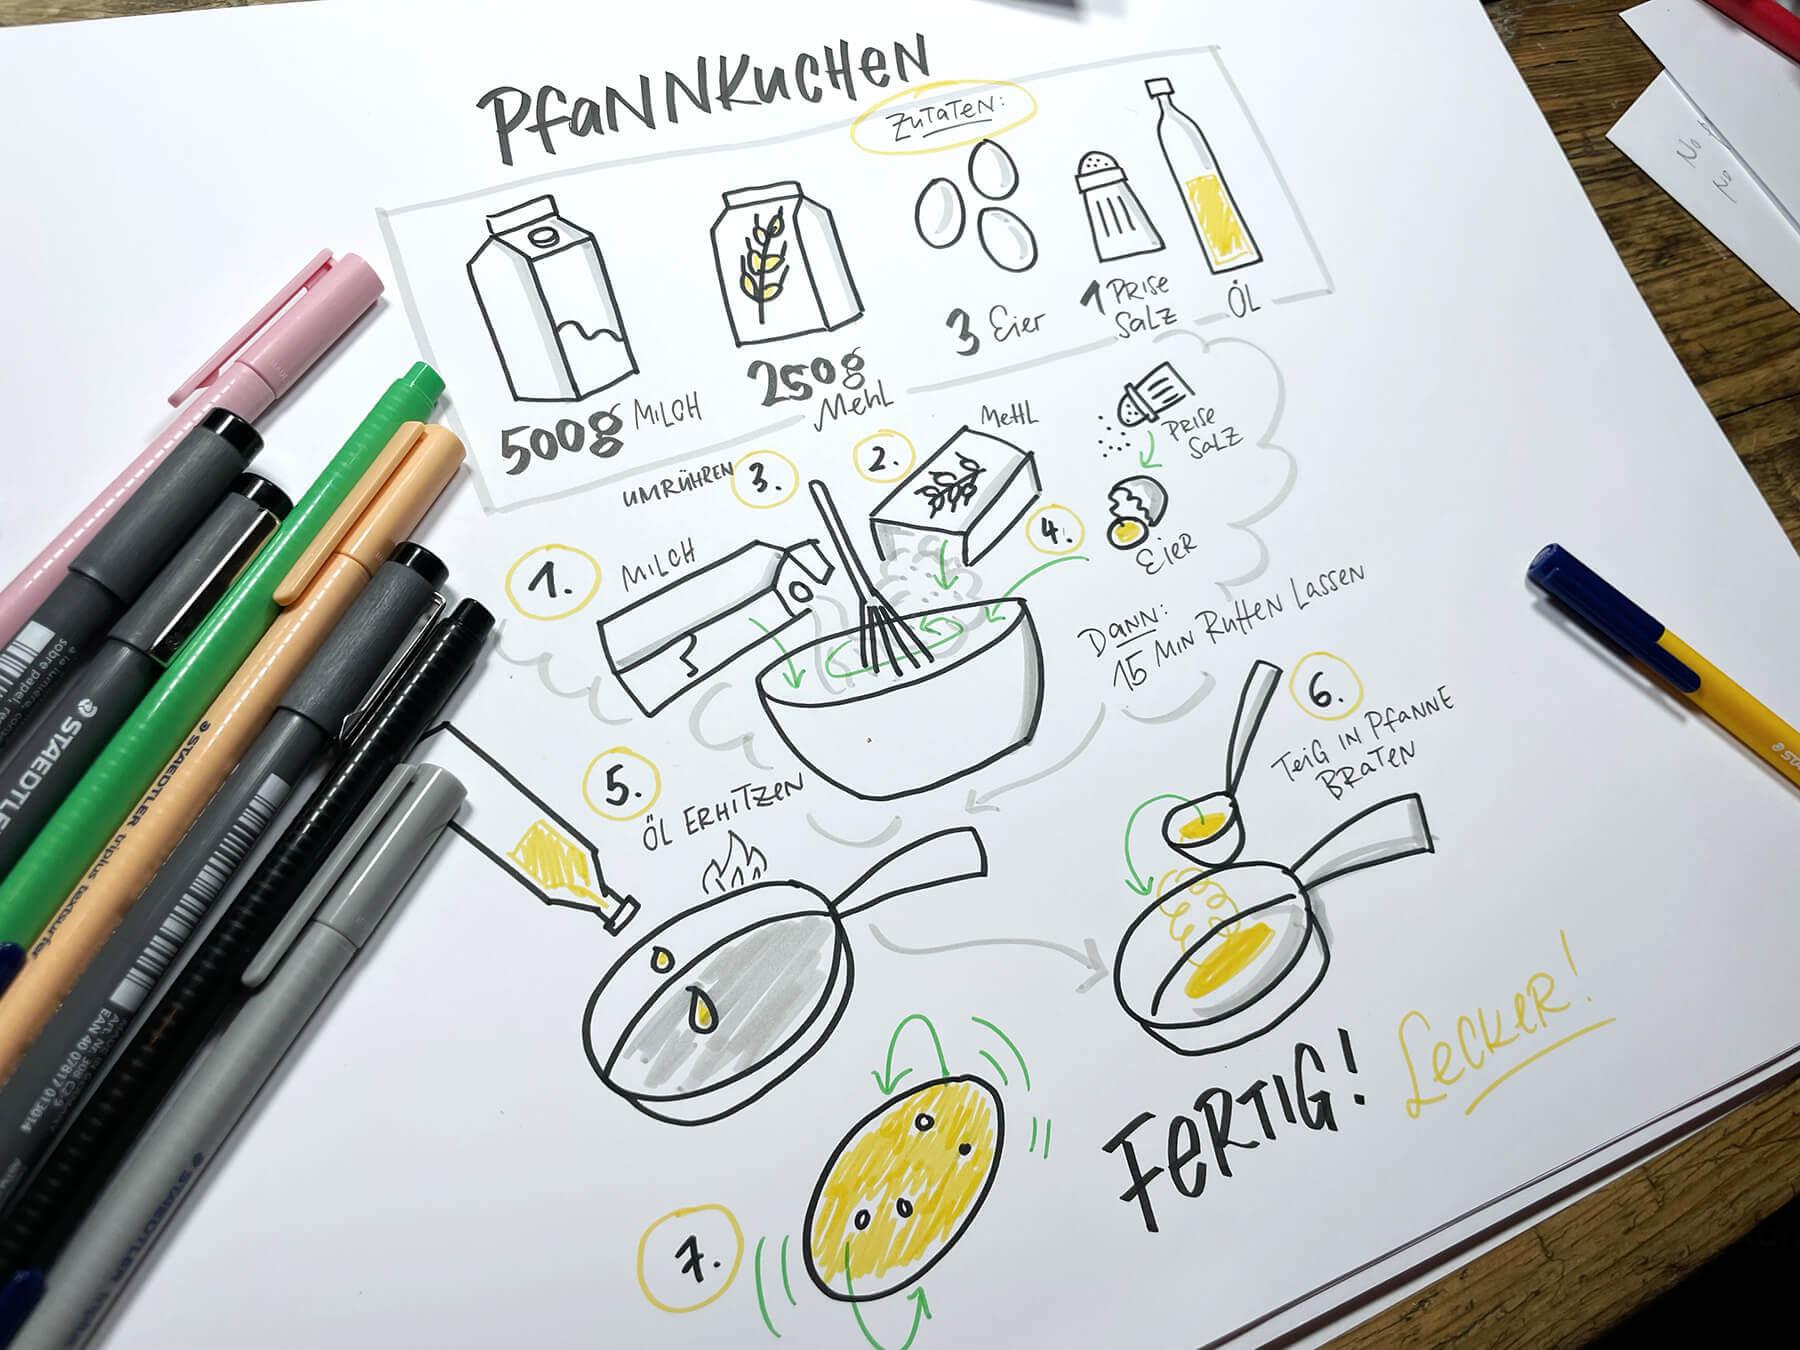 Ein Sketchipe (Sketchnotes Rezept) erstellen – So geht's!